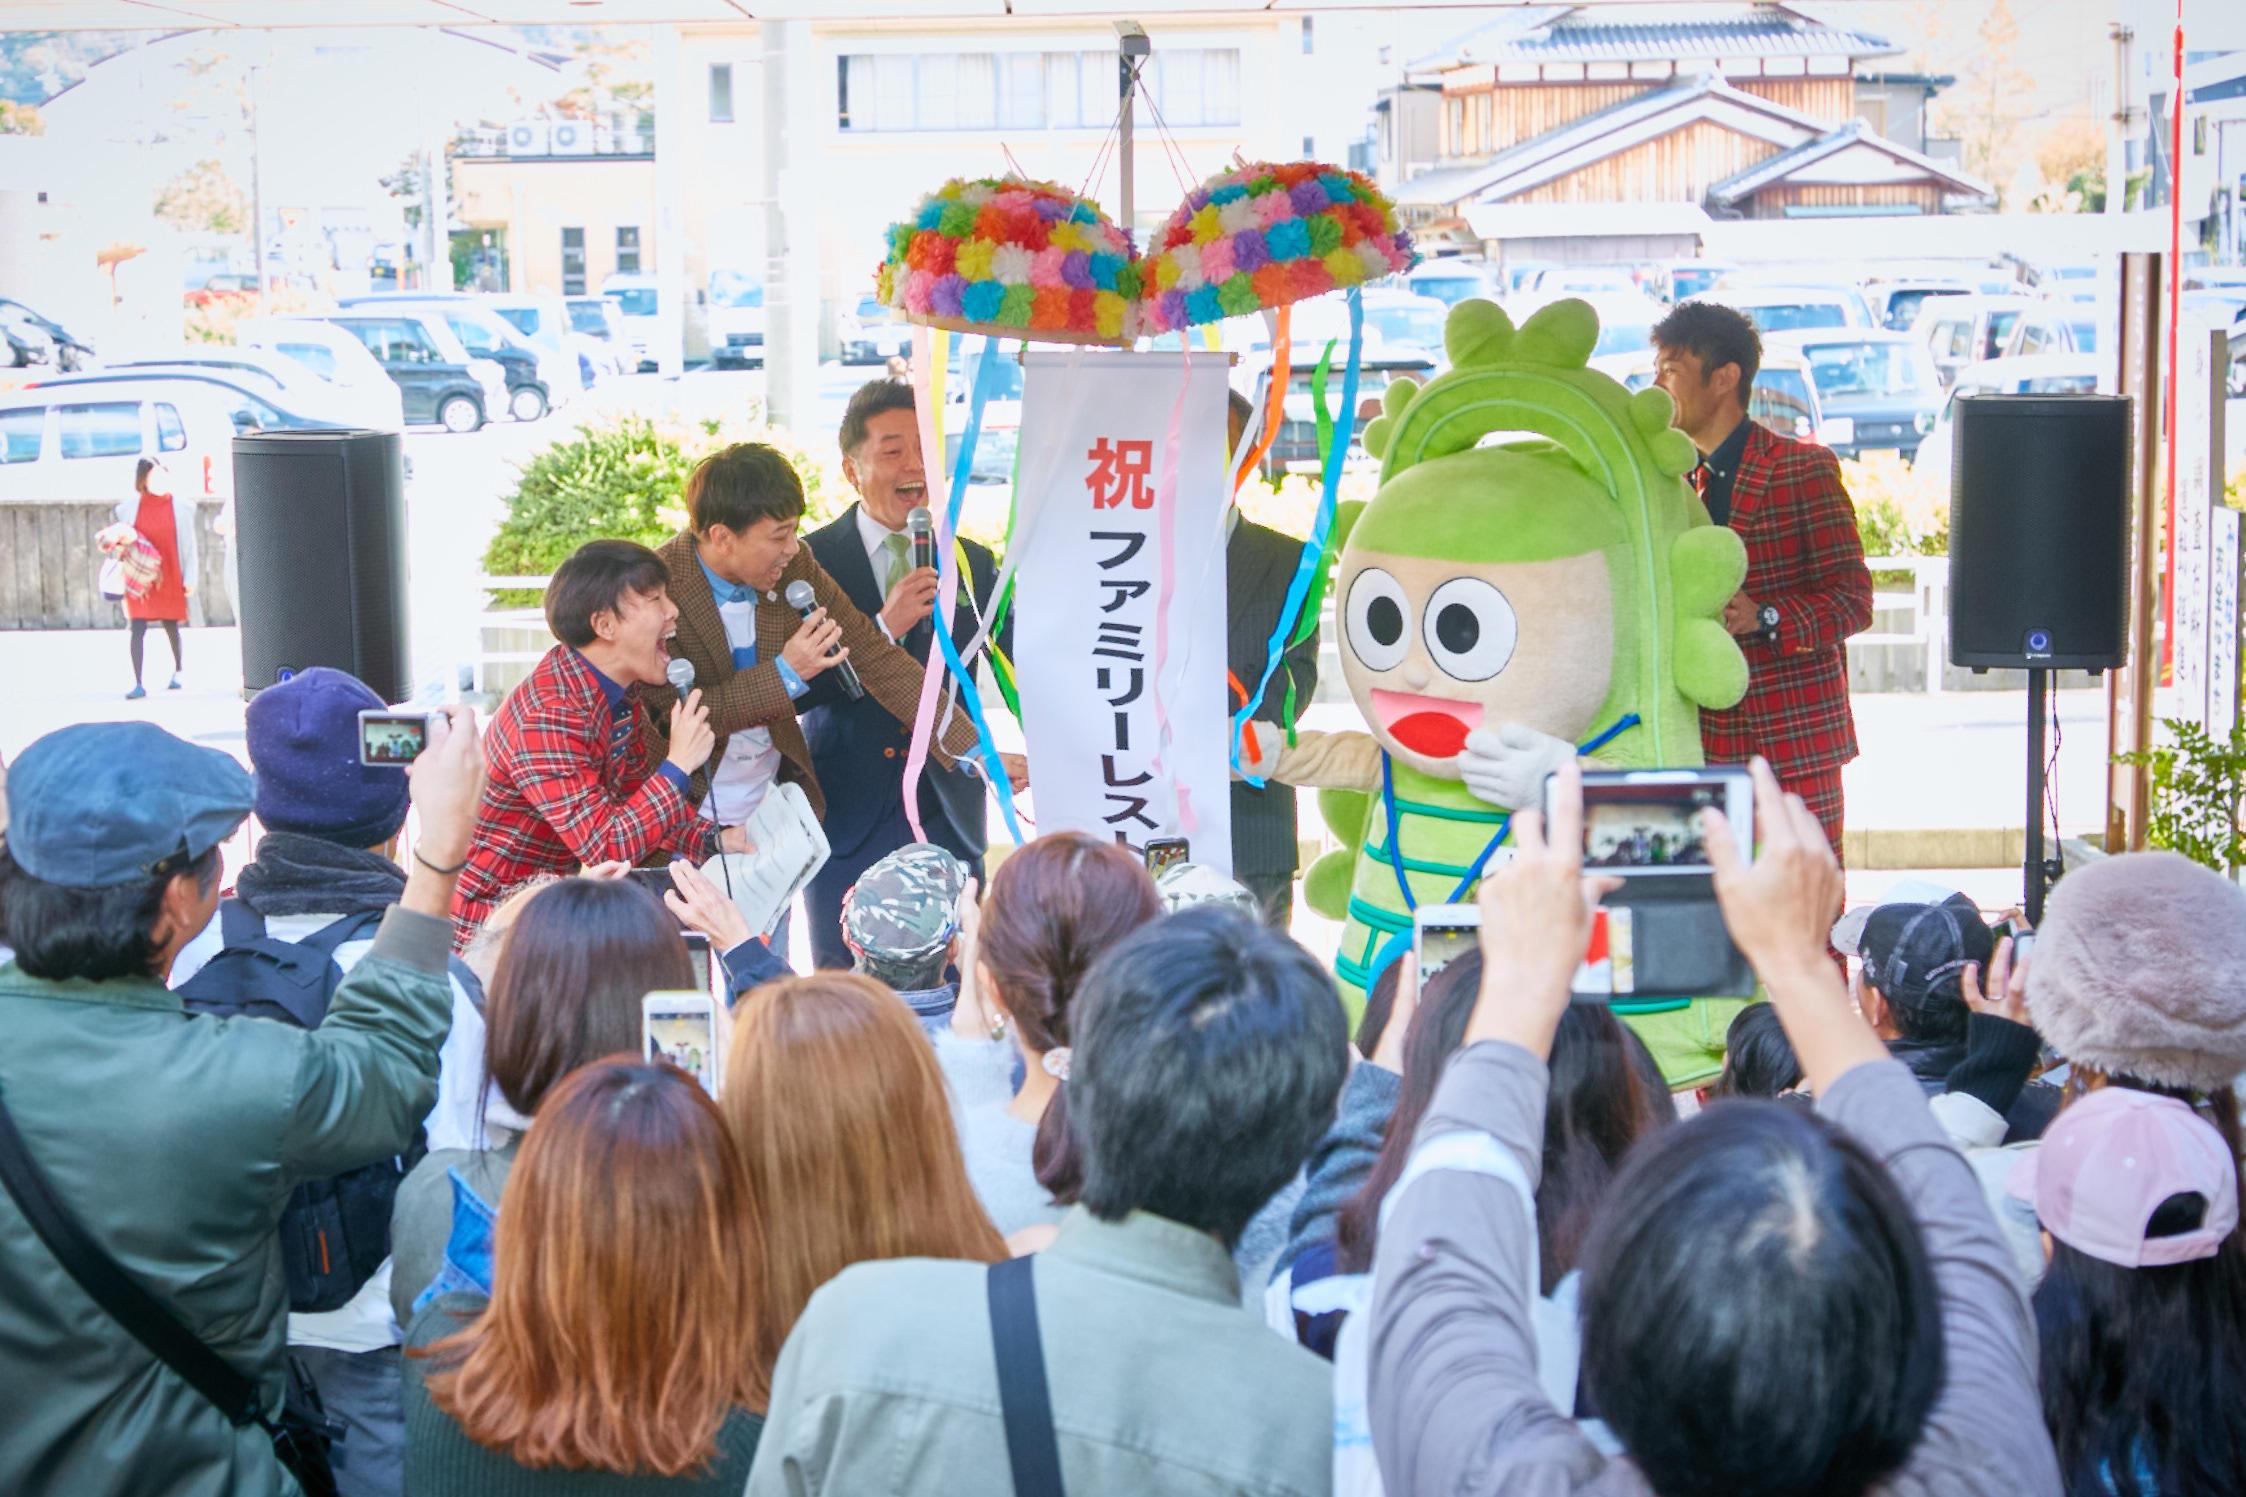 http://news.yoshimoto.co.jp/20171113160405-564cab333a0ee991087bf3dcd2c4b4ca9b686218.jpg